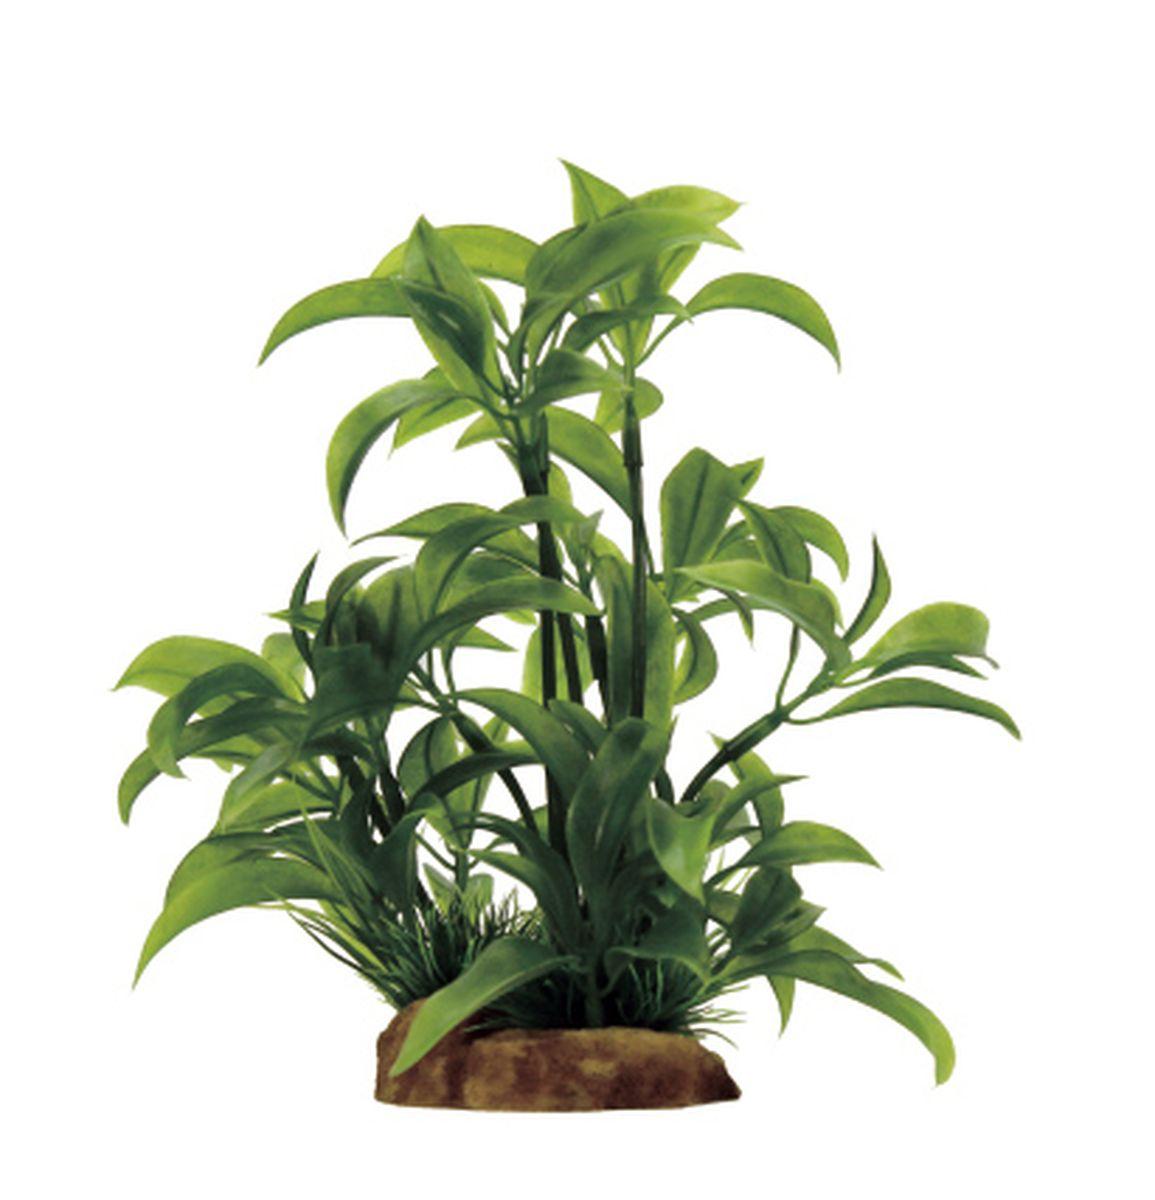 Растение для аквариума ArtUniq Альтернантера бетзикиана, 8 x 7 x 14 смART-1130909Растение для аквариума ArtUniq Альтернантера бетзикиана, 8 x 7 x 14 см